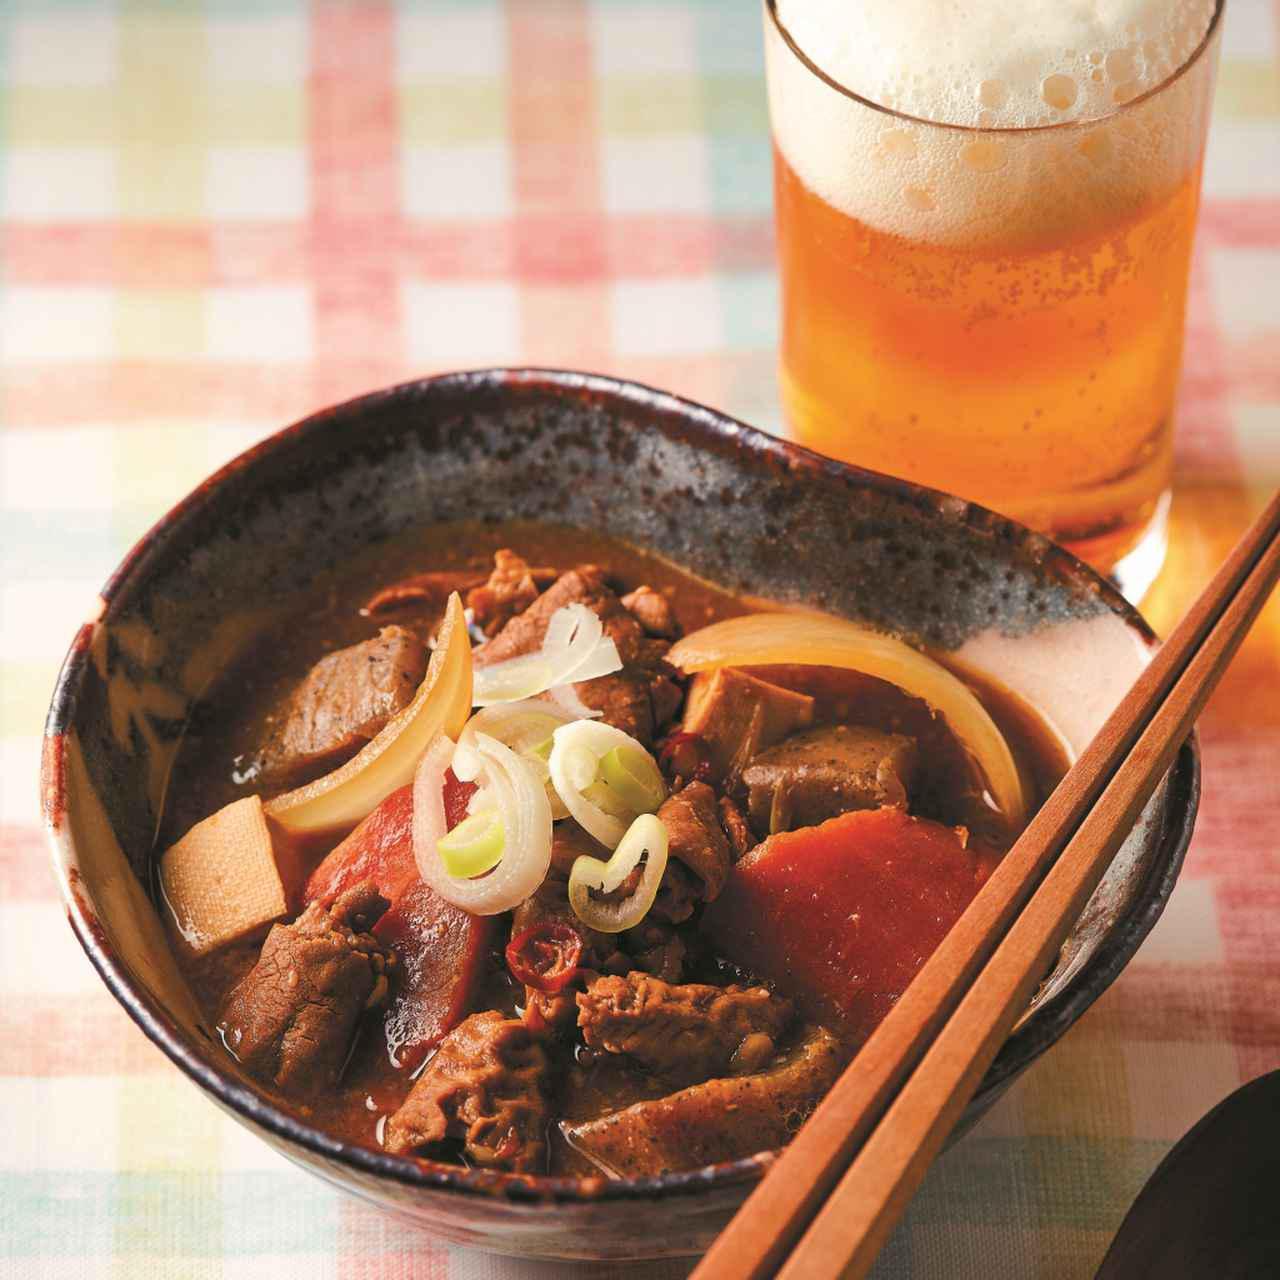 画像: 写真は盛り付け例です。豆腐と玉ねぎはお取り寄せには含まれません